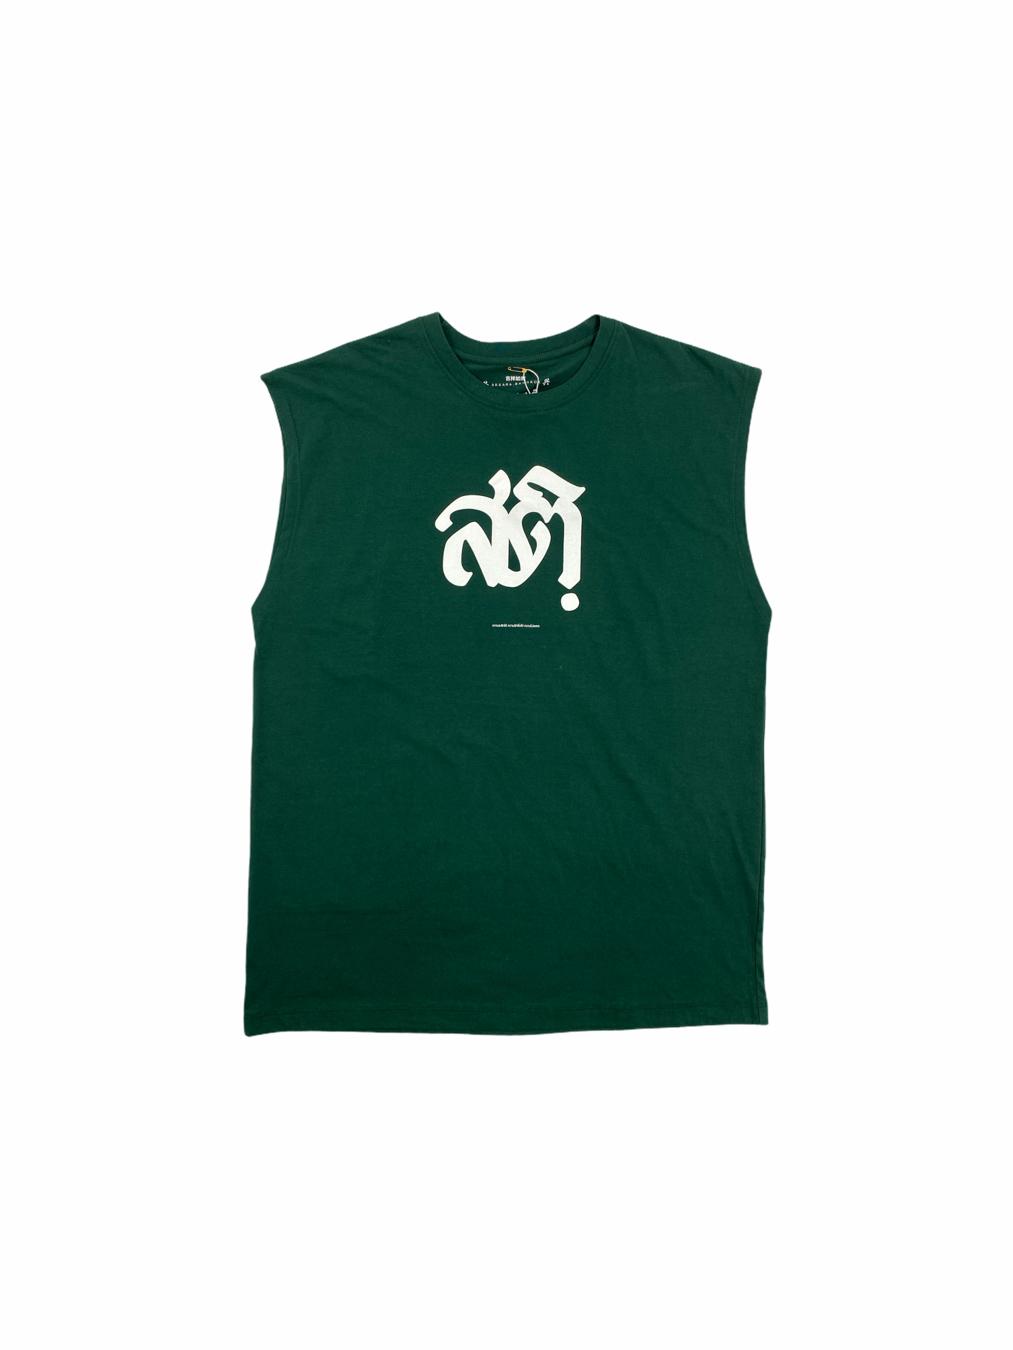 AKKARA เสื้อแขนกุดลายสติ (Green)